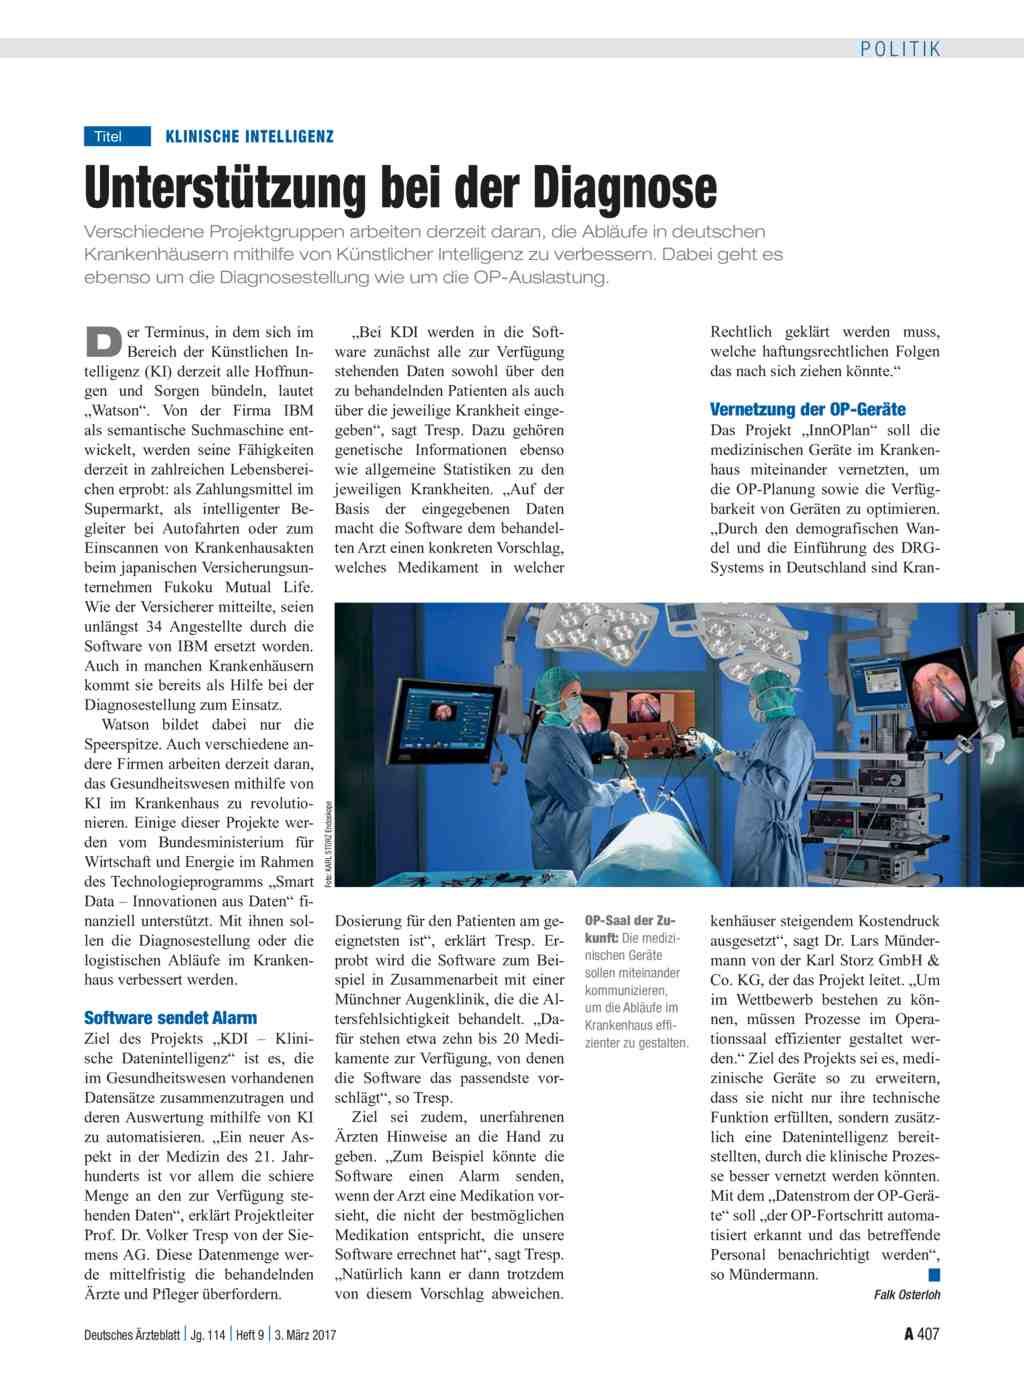 Klinische Intelligenz: Unterstützung bei der Diagnose